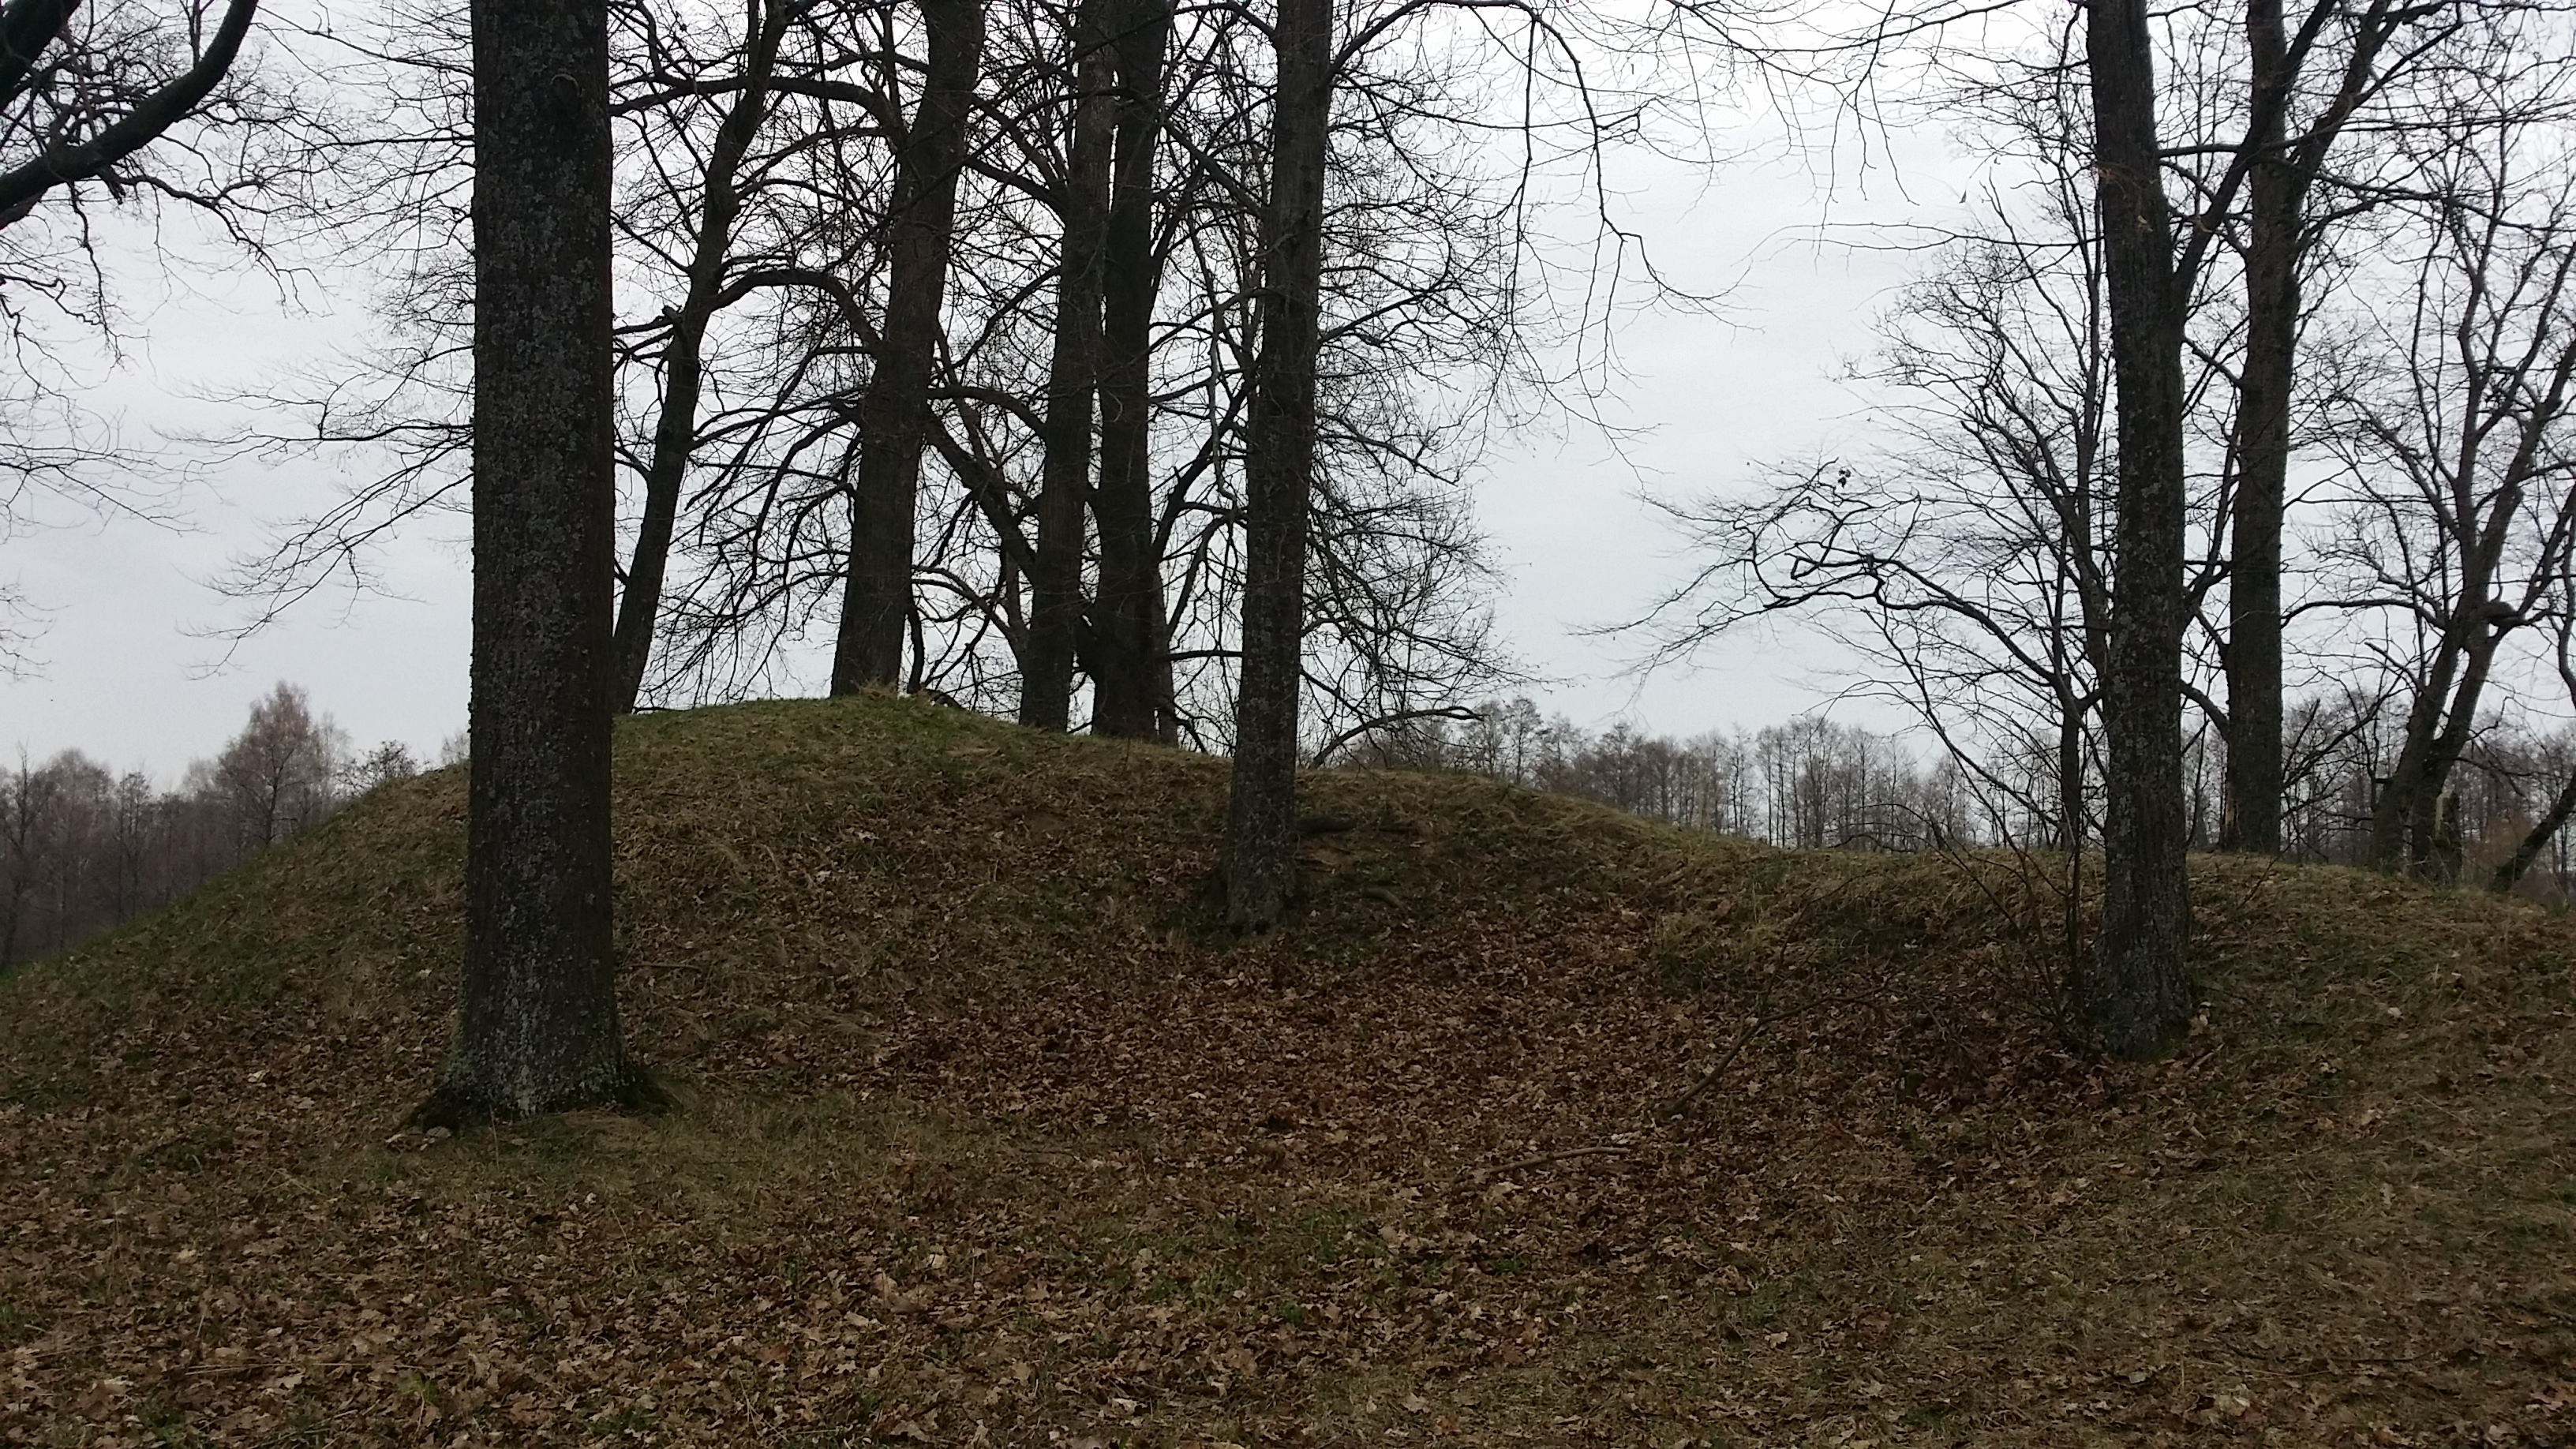 Mound of Mounds